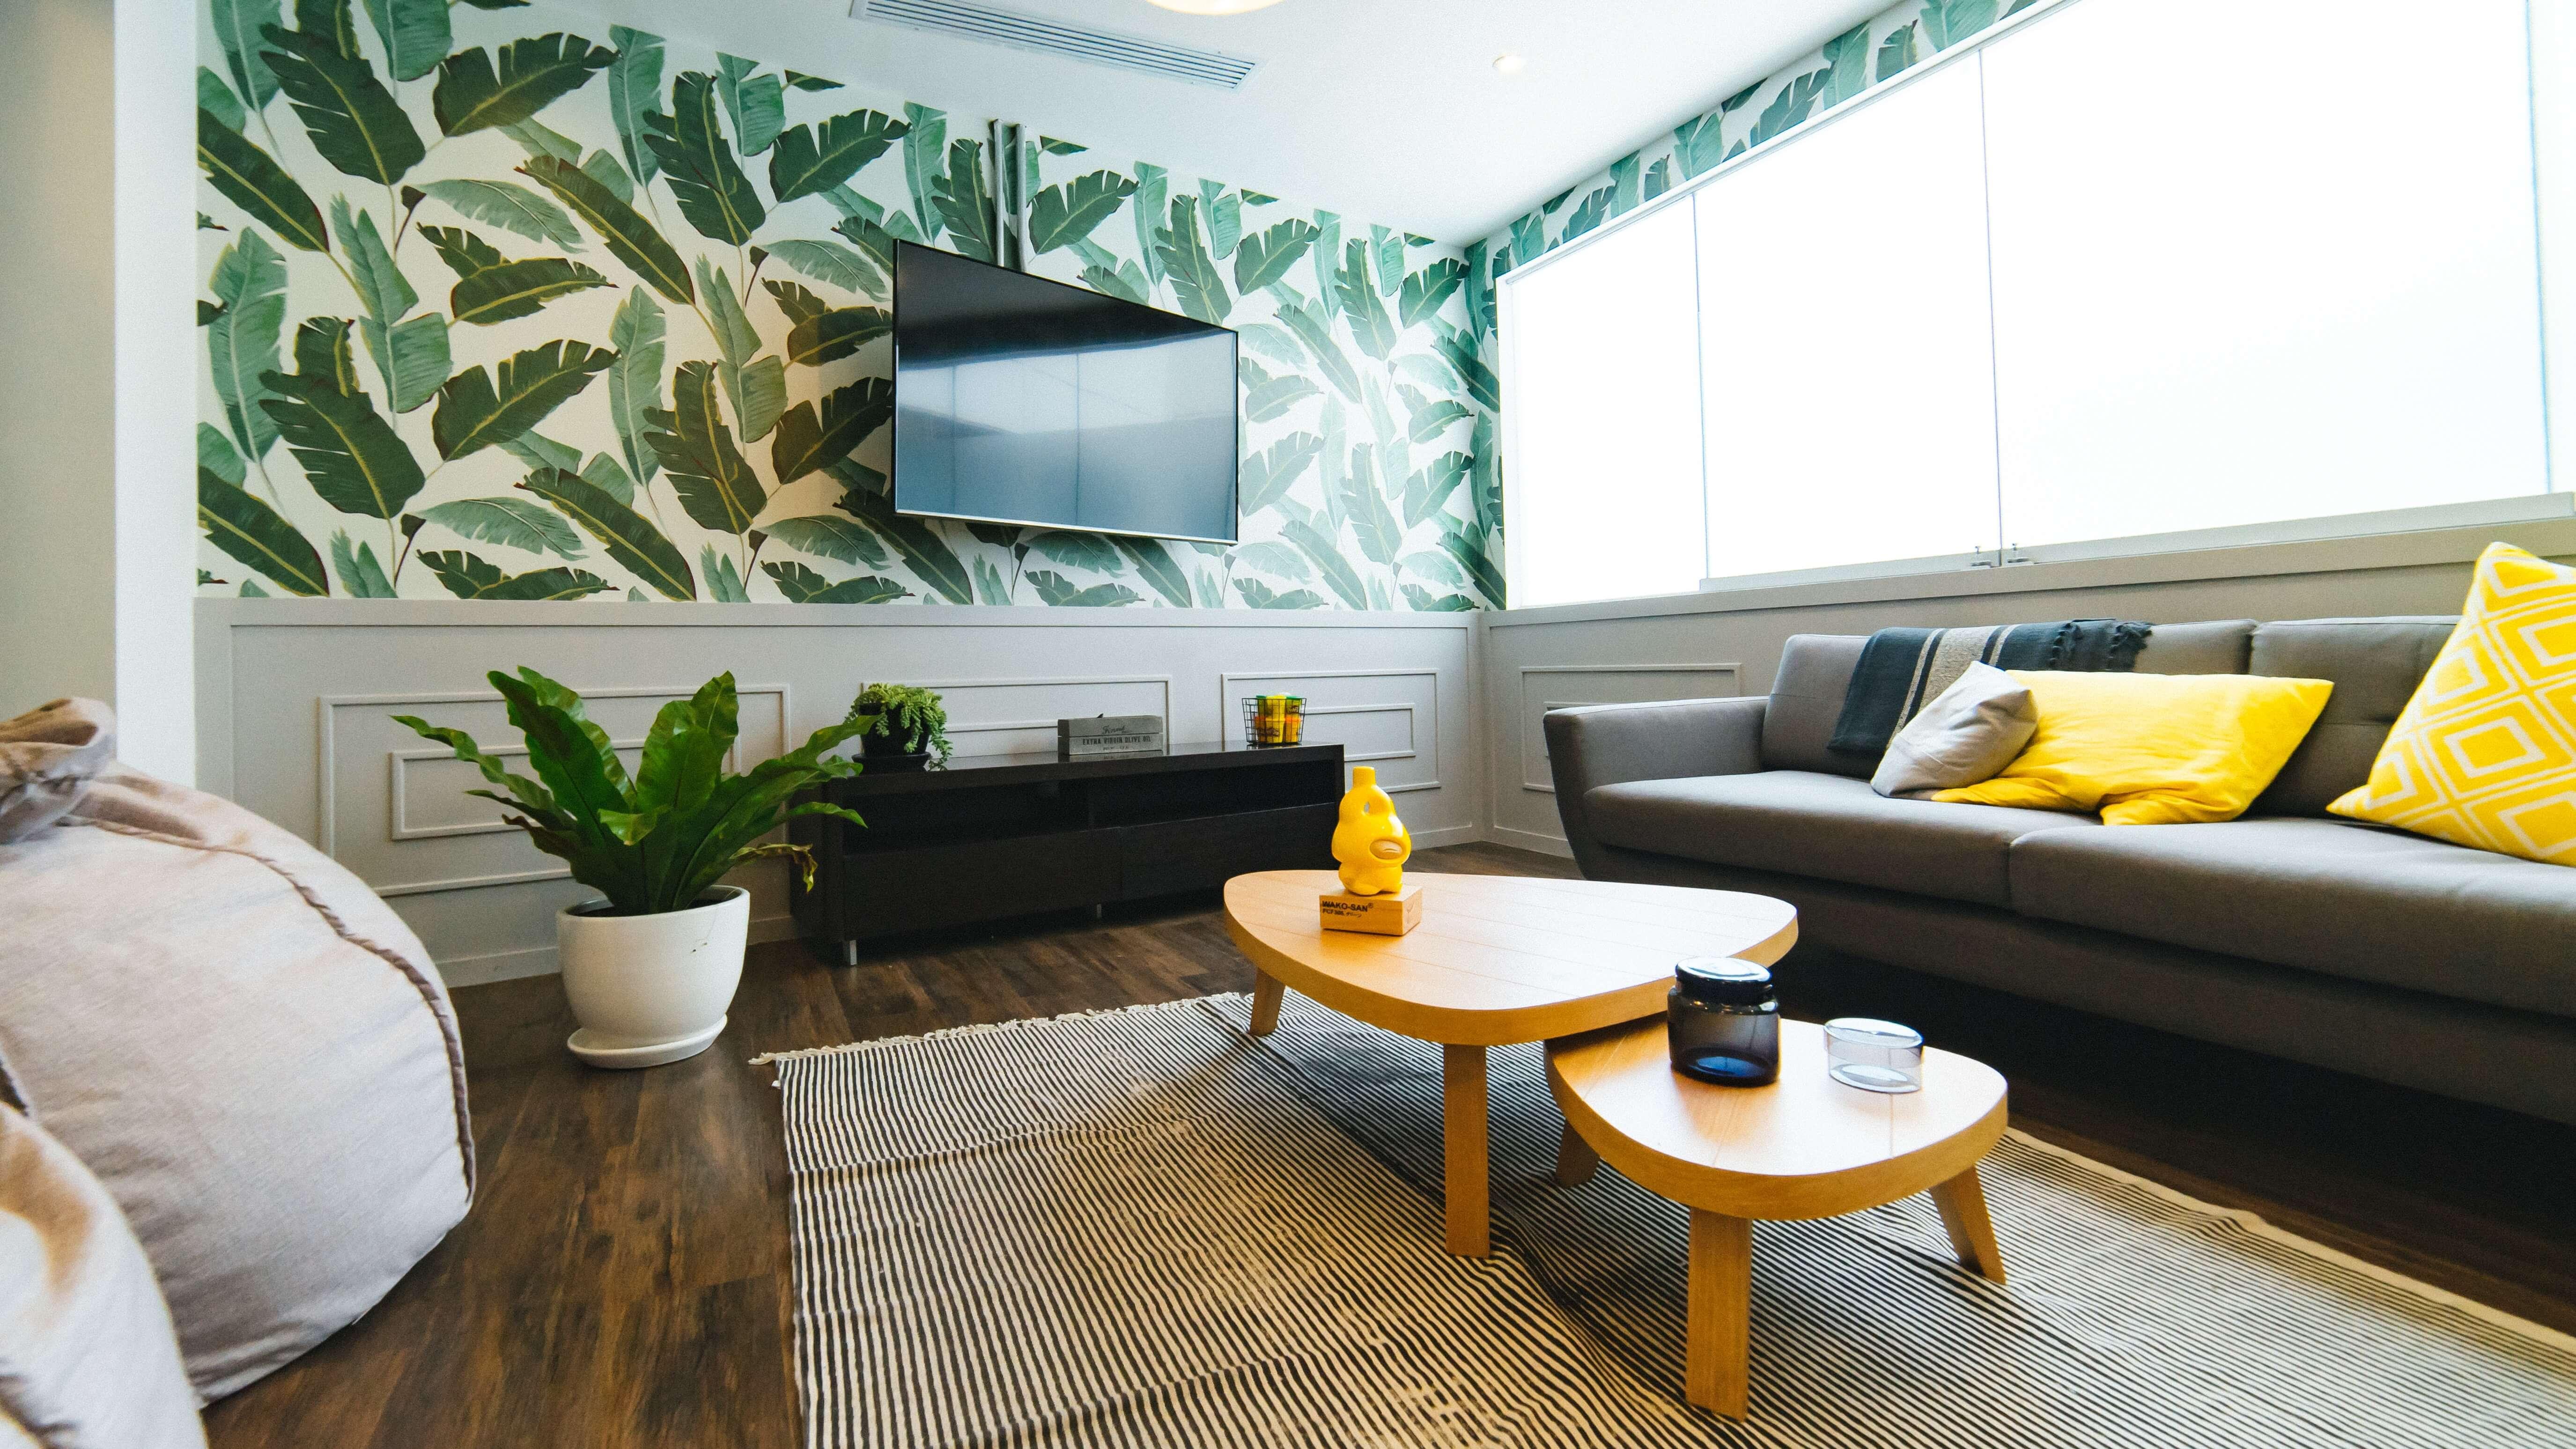 A qui demander pour faire une étude sur la rénovation énergétique de votre maison ou de votre appartement ?